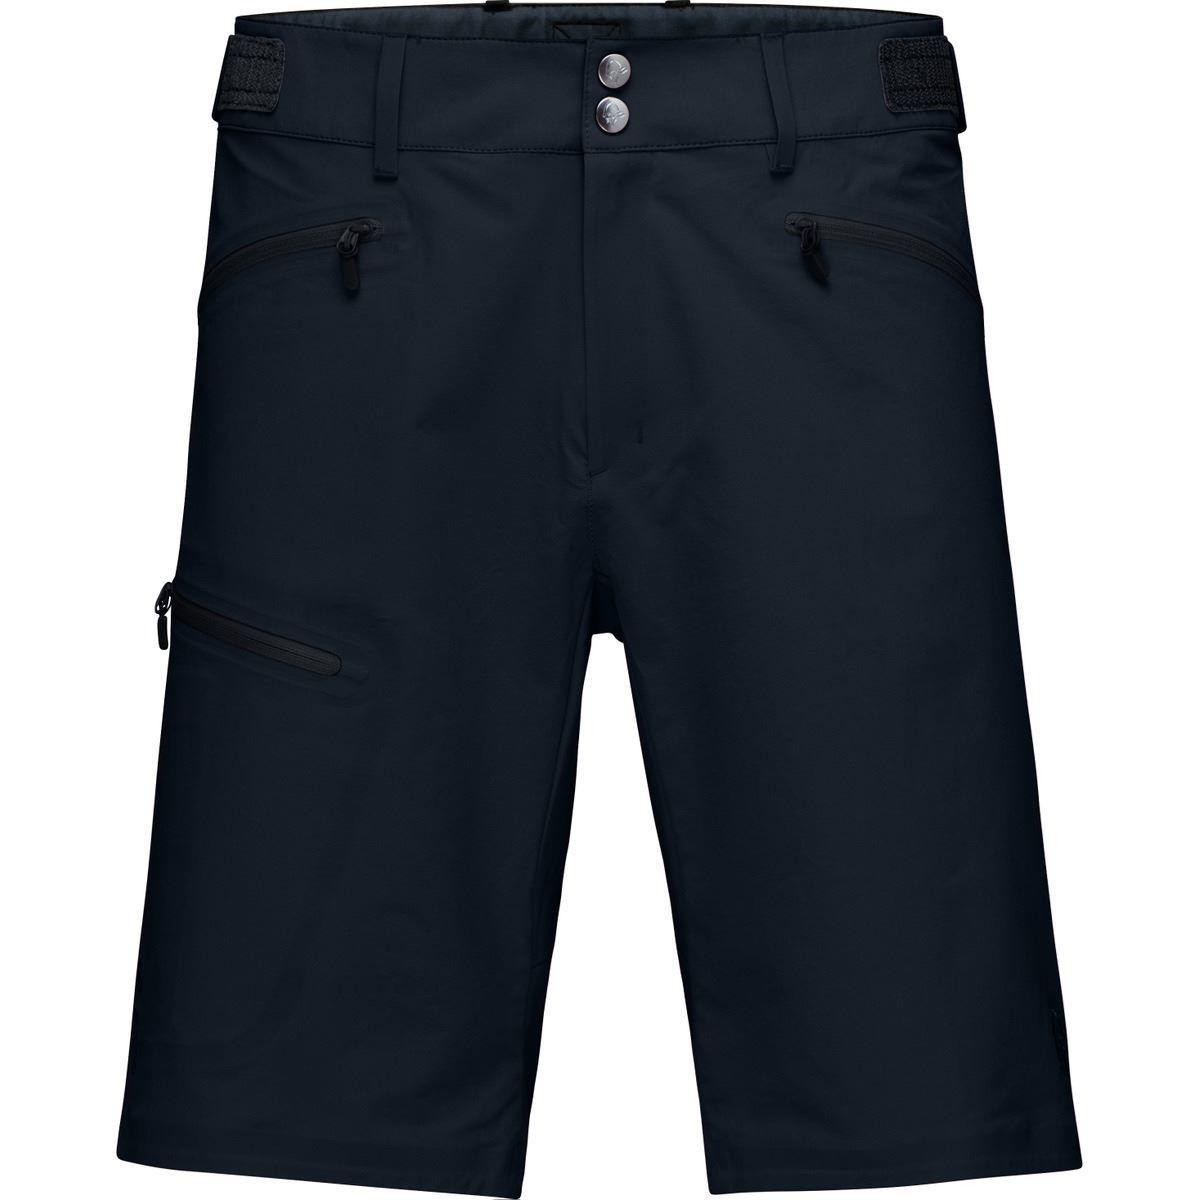 sort shorts til herre